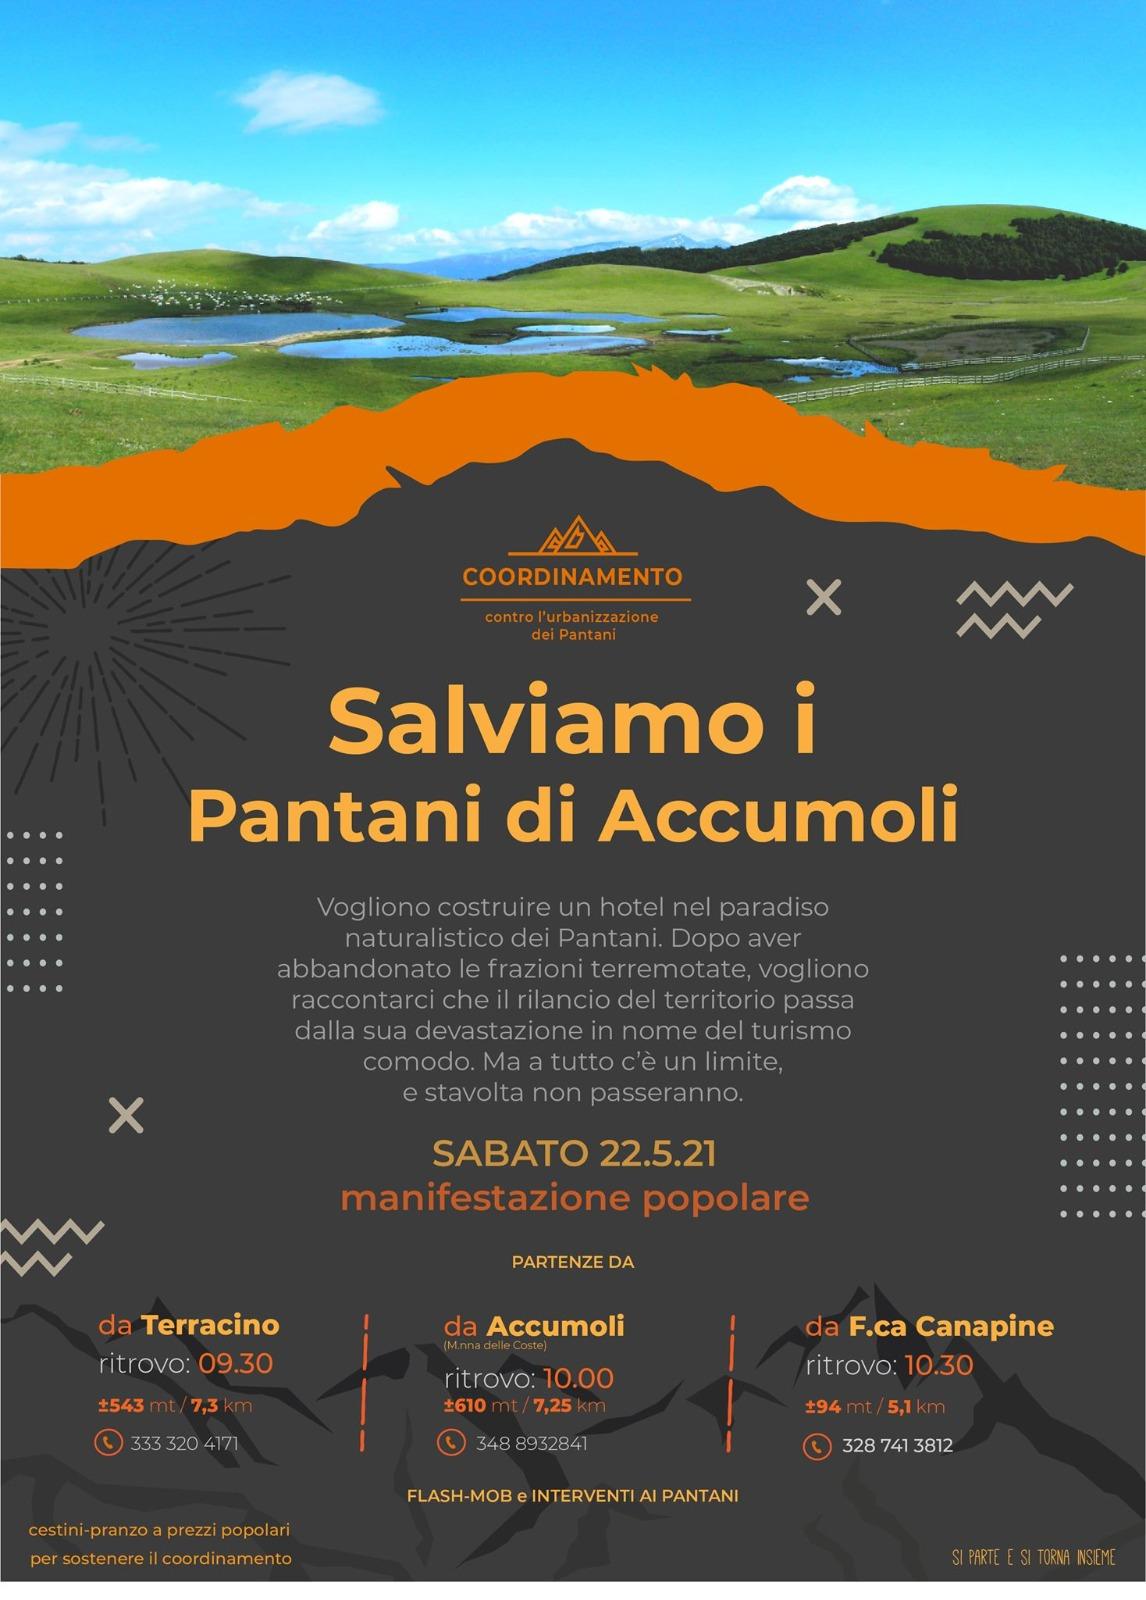 Giù le ruspe dai Pantani, un'oasi tra gli Appennini. Ecomuseo del Monte Ceresa aderisce all'iniziativa SALVIAMO I PANTANI DI ACCUMULI